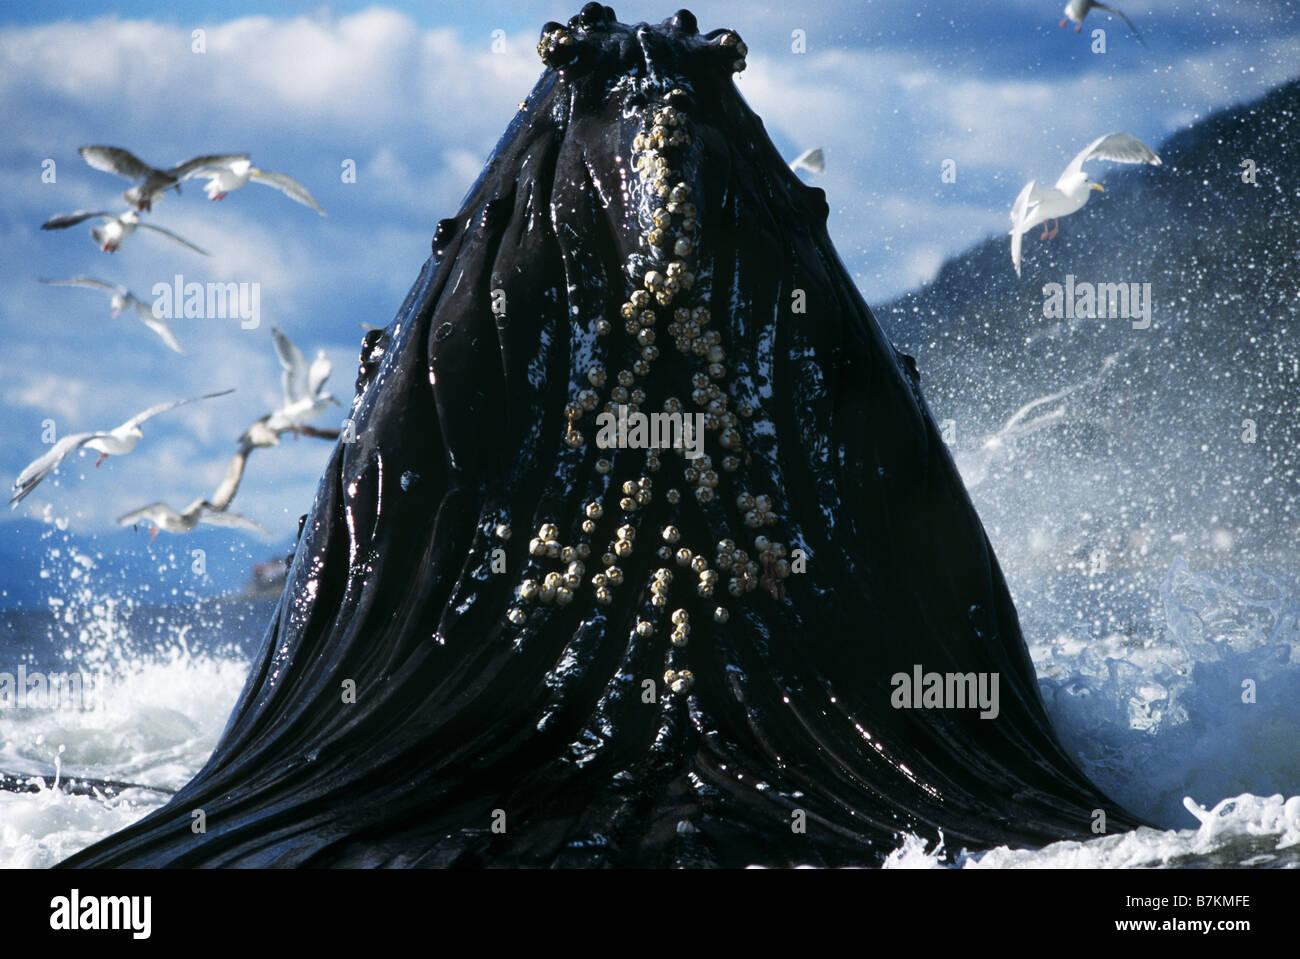 Baleia Jubarte lunge alimentação, entrada Tenakee, Sudeste Alasca Imagens de Stock